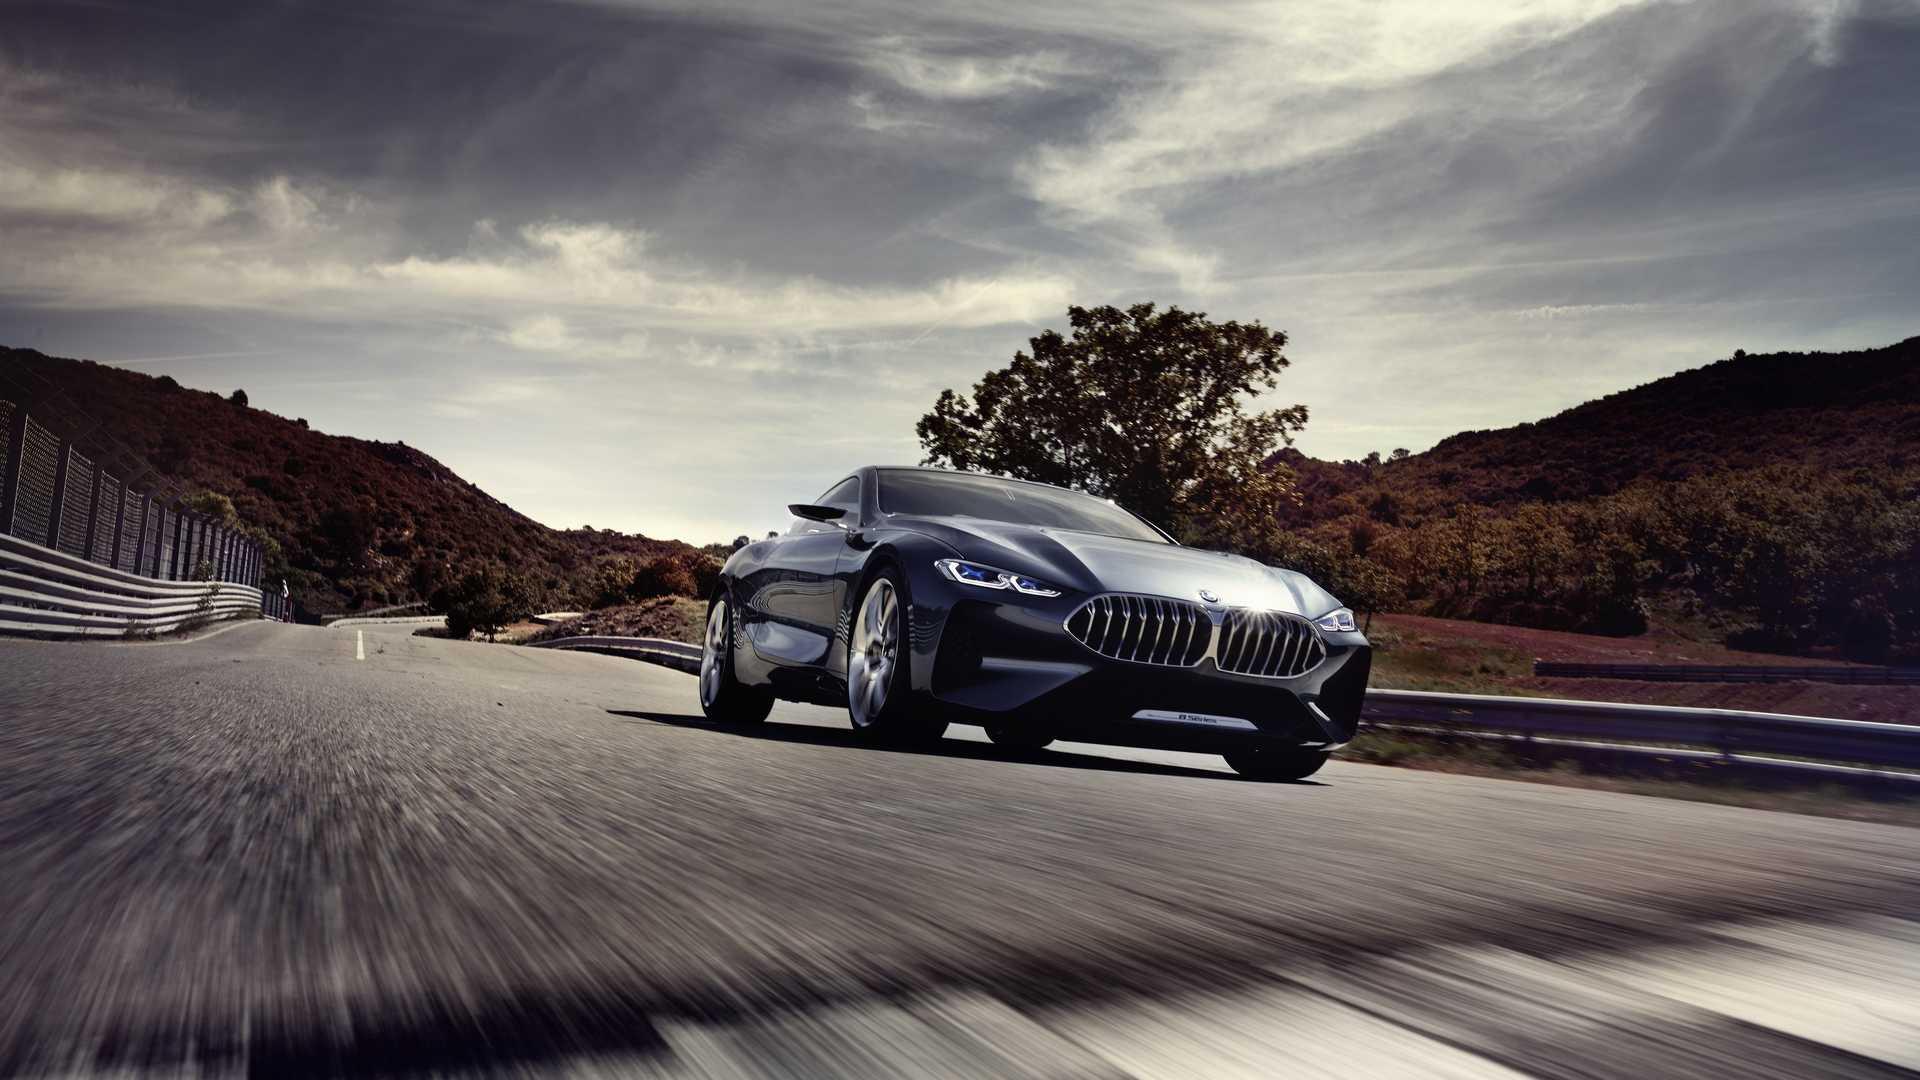 Photo of Yeni BMW 8 Serisi konsept resmi olarak tanıtıldı